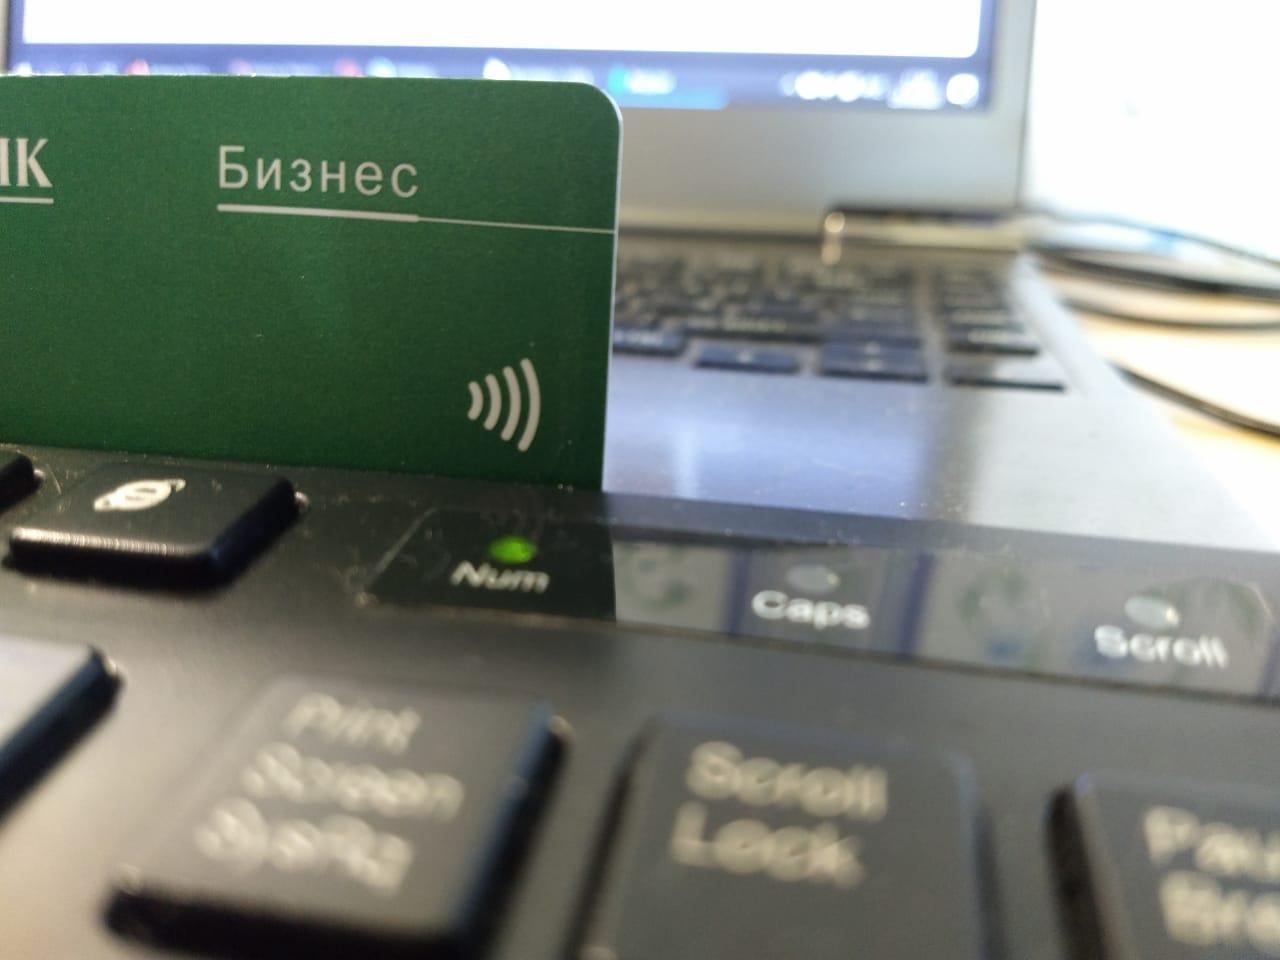 Сервис «BankiRU» показал 68 предложений по расчетному счету в Иванове